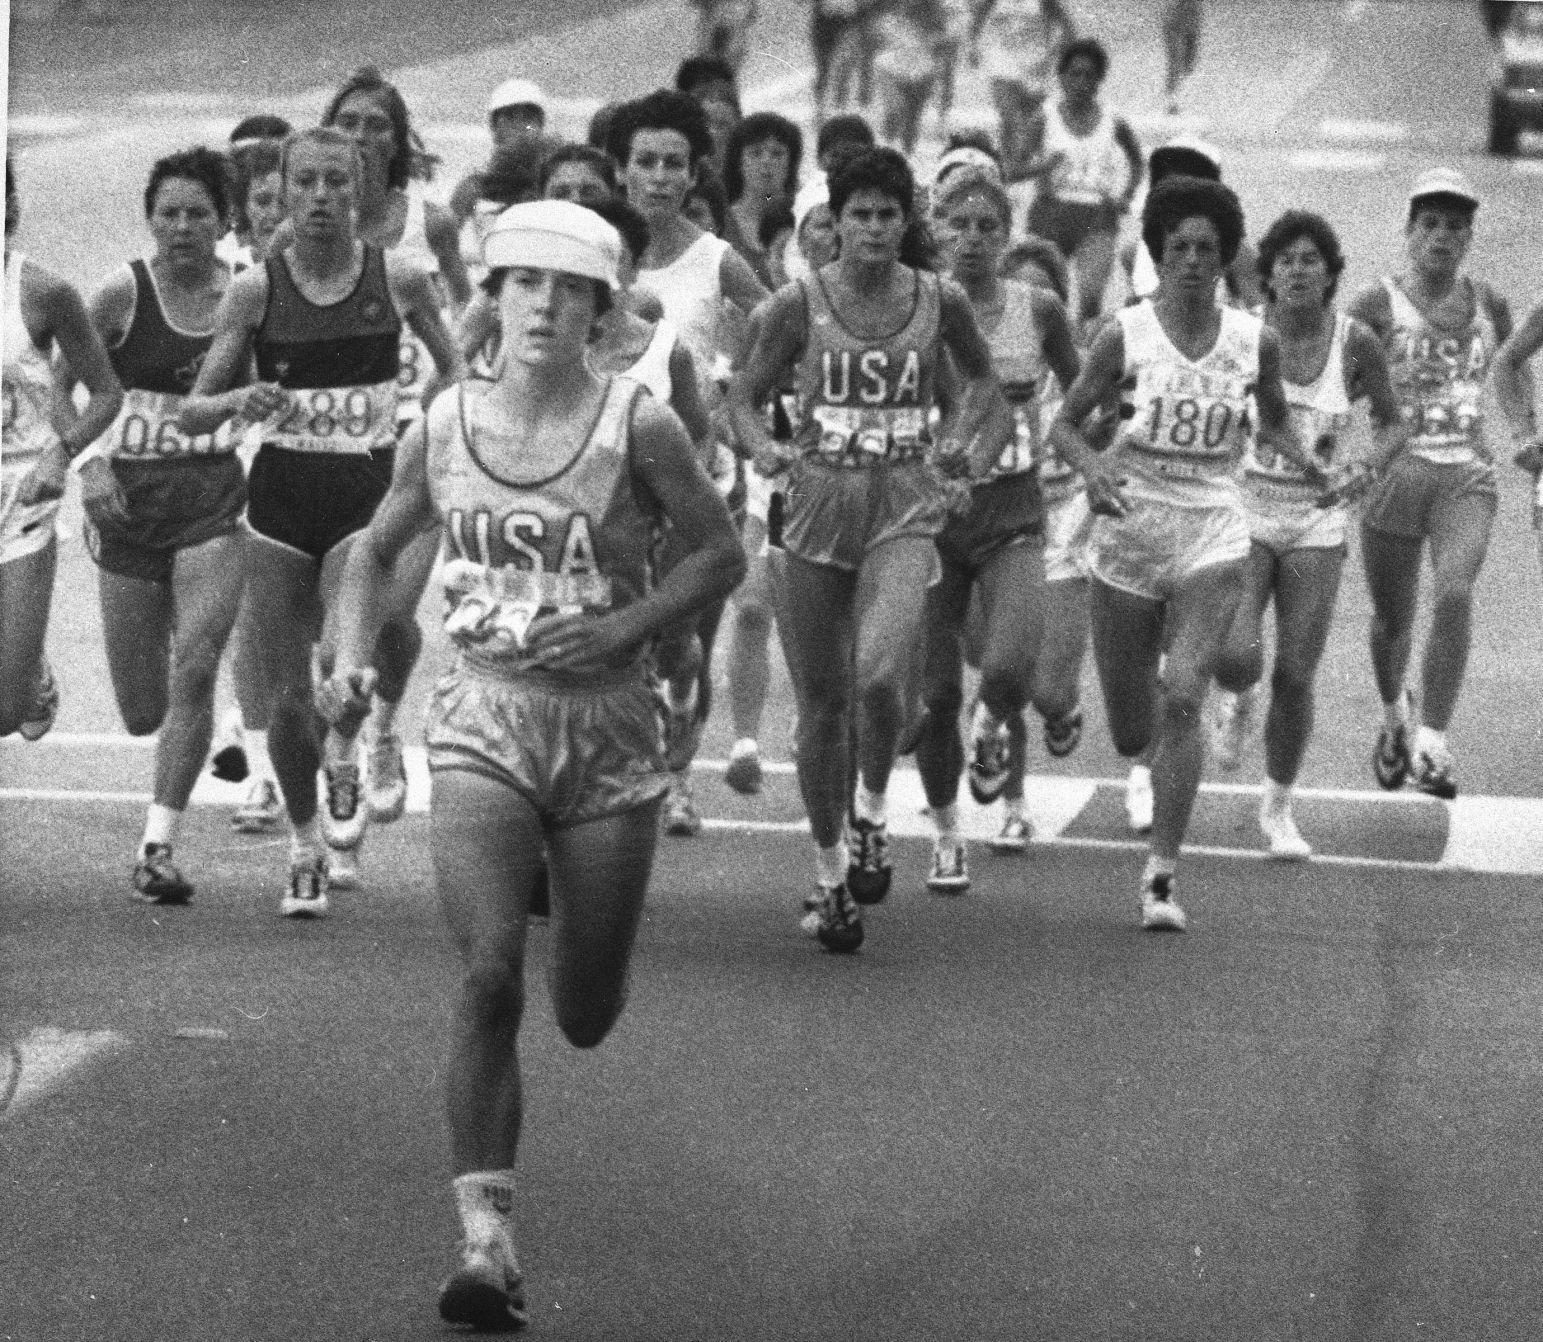 Joan Benoit Samuelson Olympic medal in marathon running